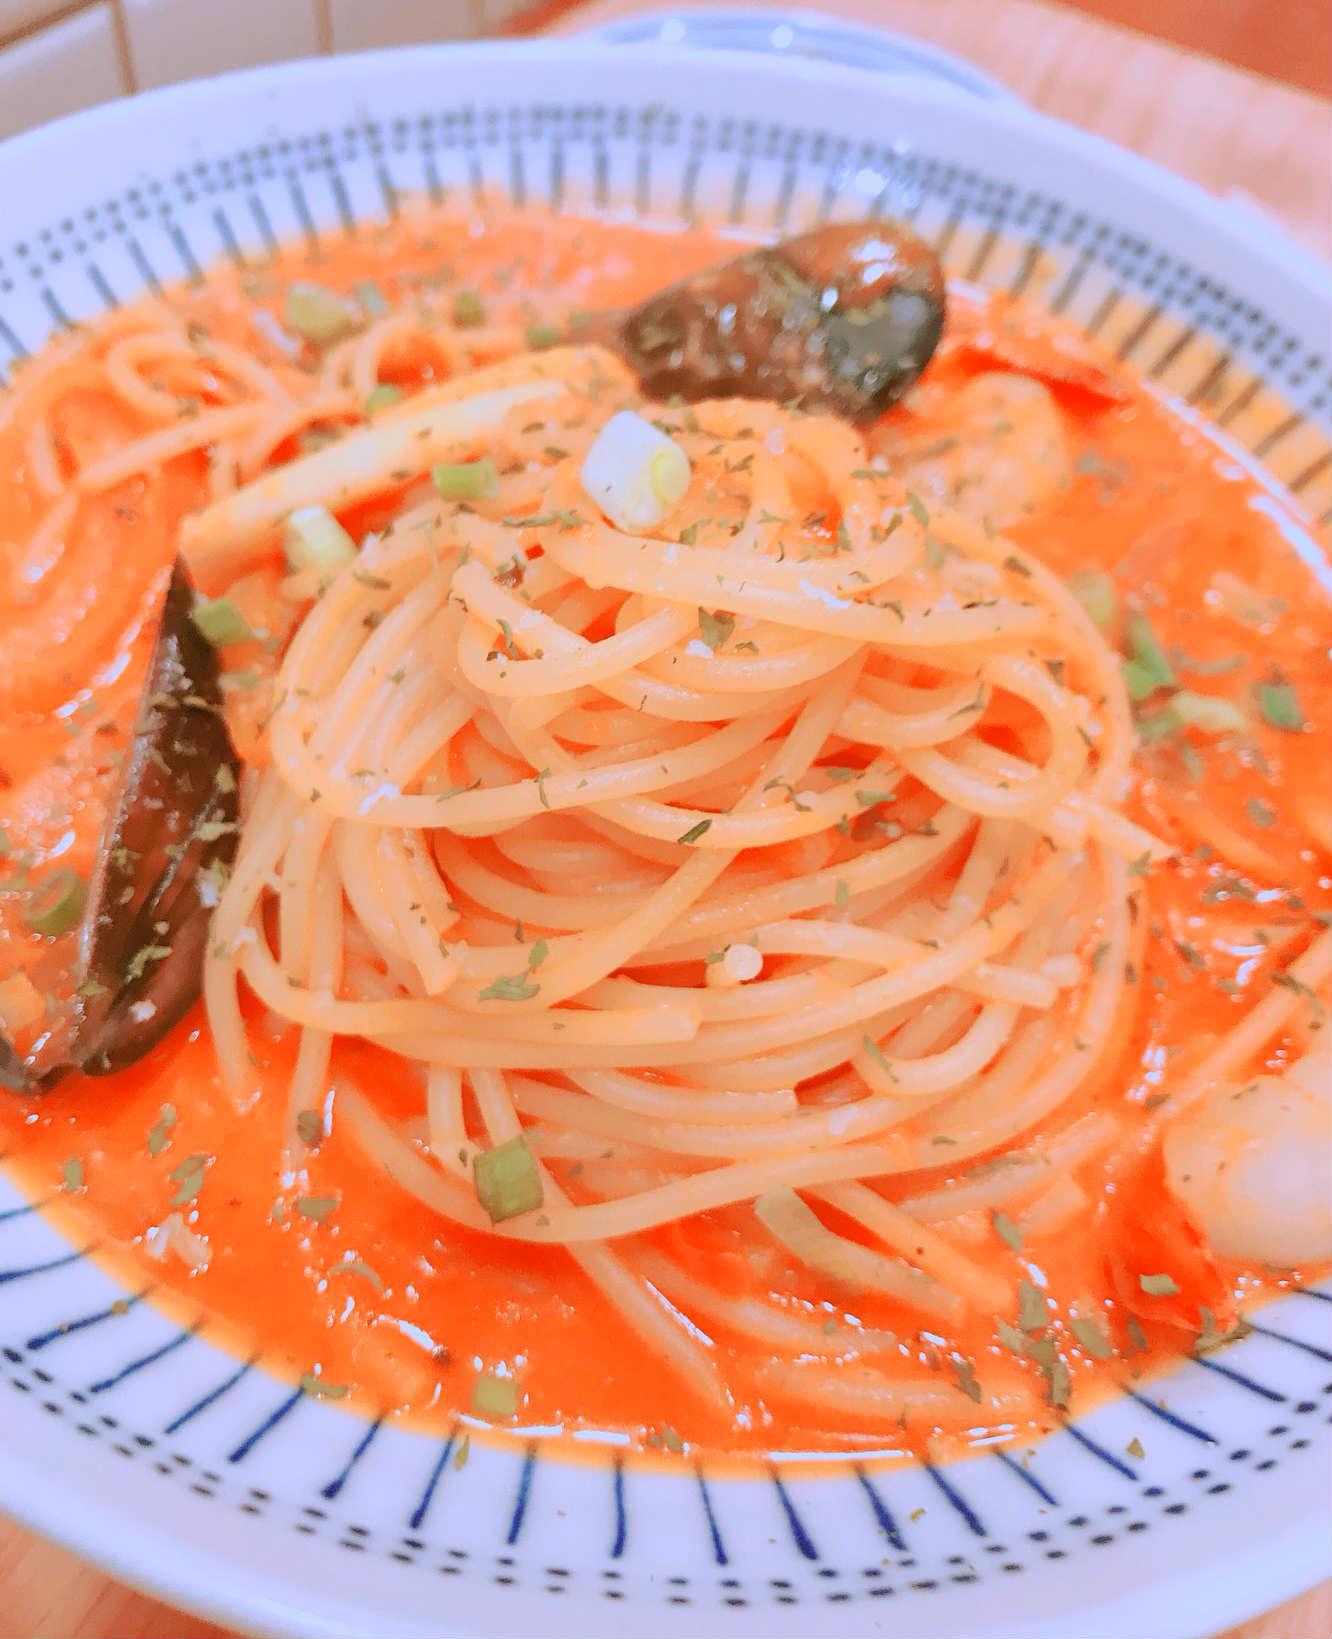 另外,小編也想推一下這款番茄海鮮義大利麵,濃稠醬料配上鮮美口感,完全不輸給大餐廳啊!